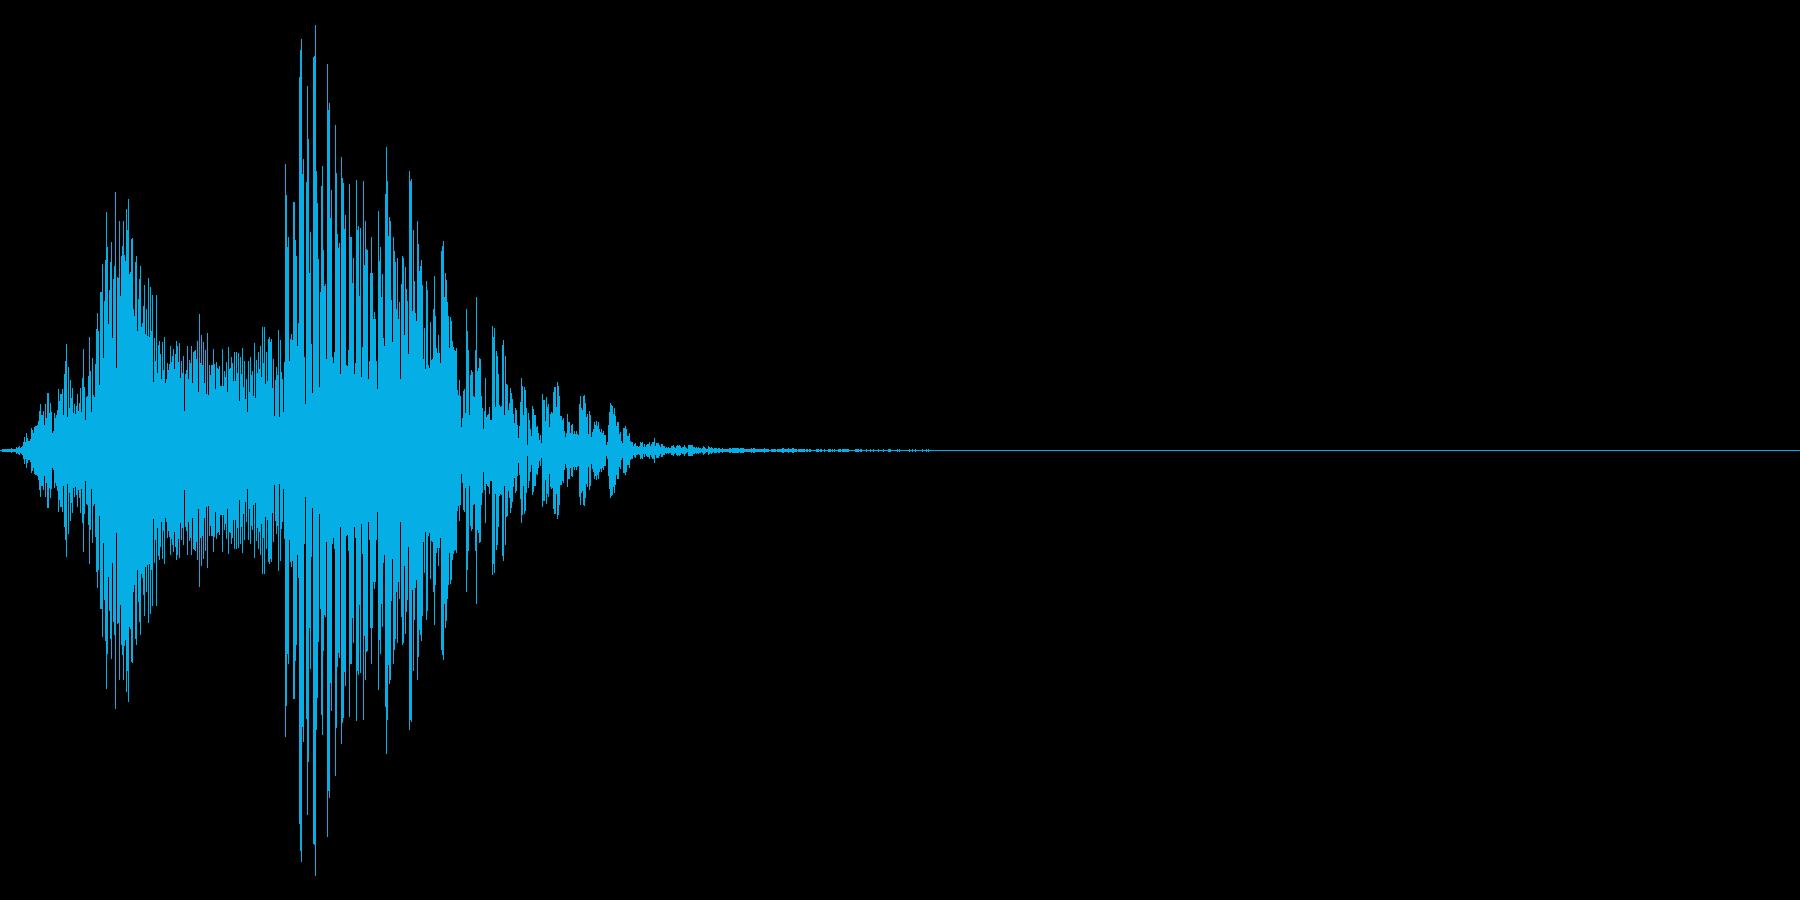 ゲーム掛け声男1ハッ1の再生済みの波形